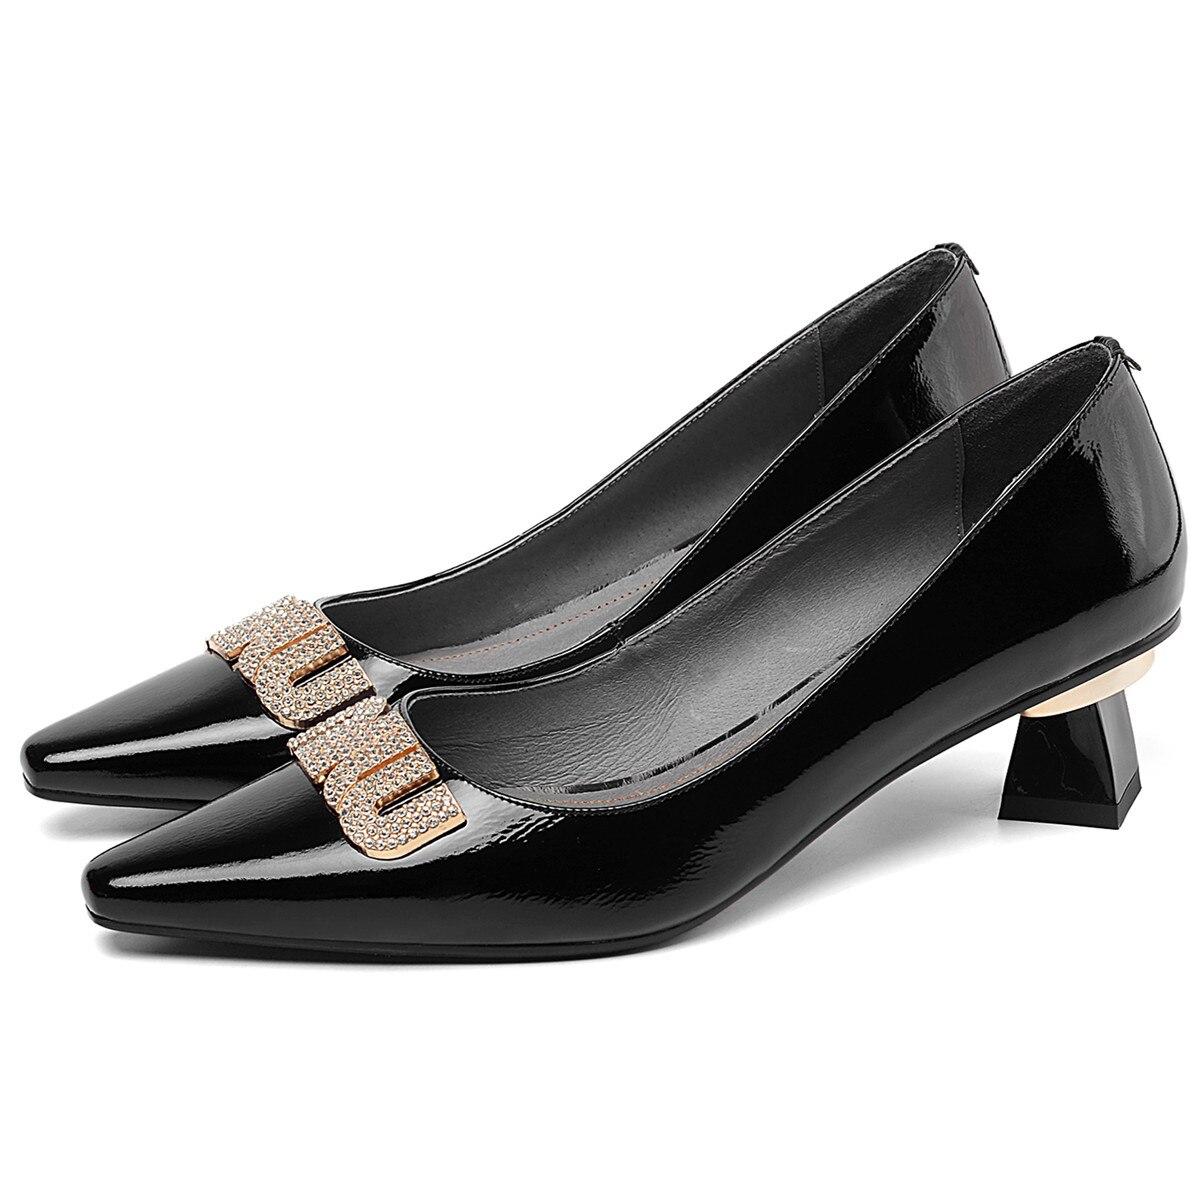 4 couleurs grande taille 41 femmes véritable leatherr sans lacet pompes à talons bas confortables femmes robe pompes chaussures à talons hauts pour les femmes